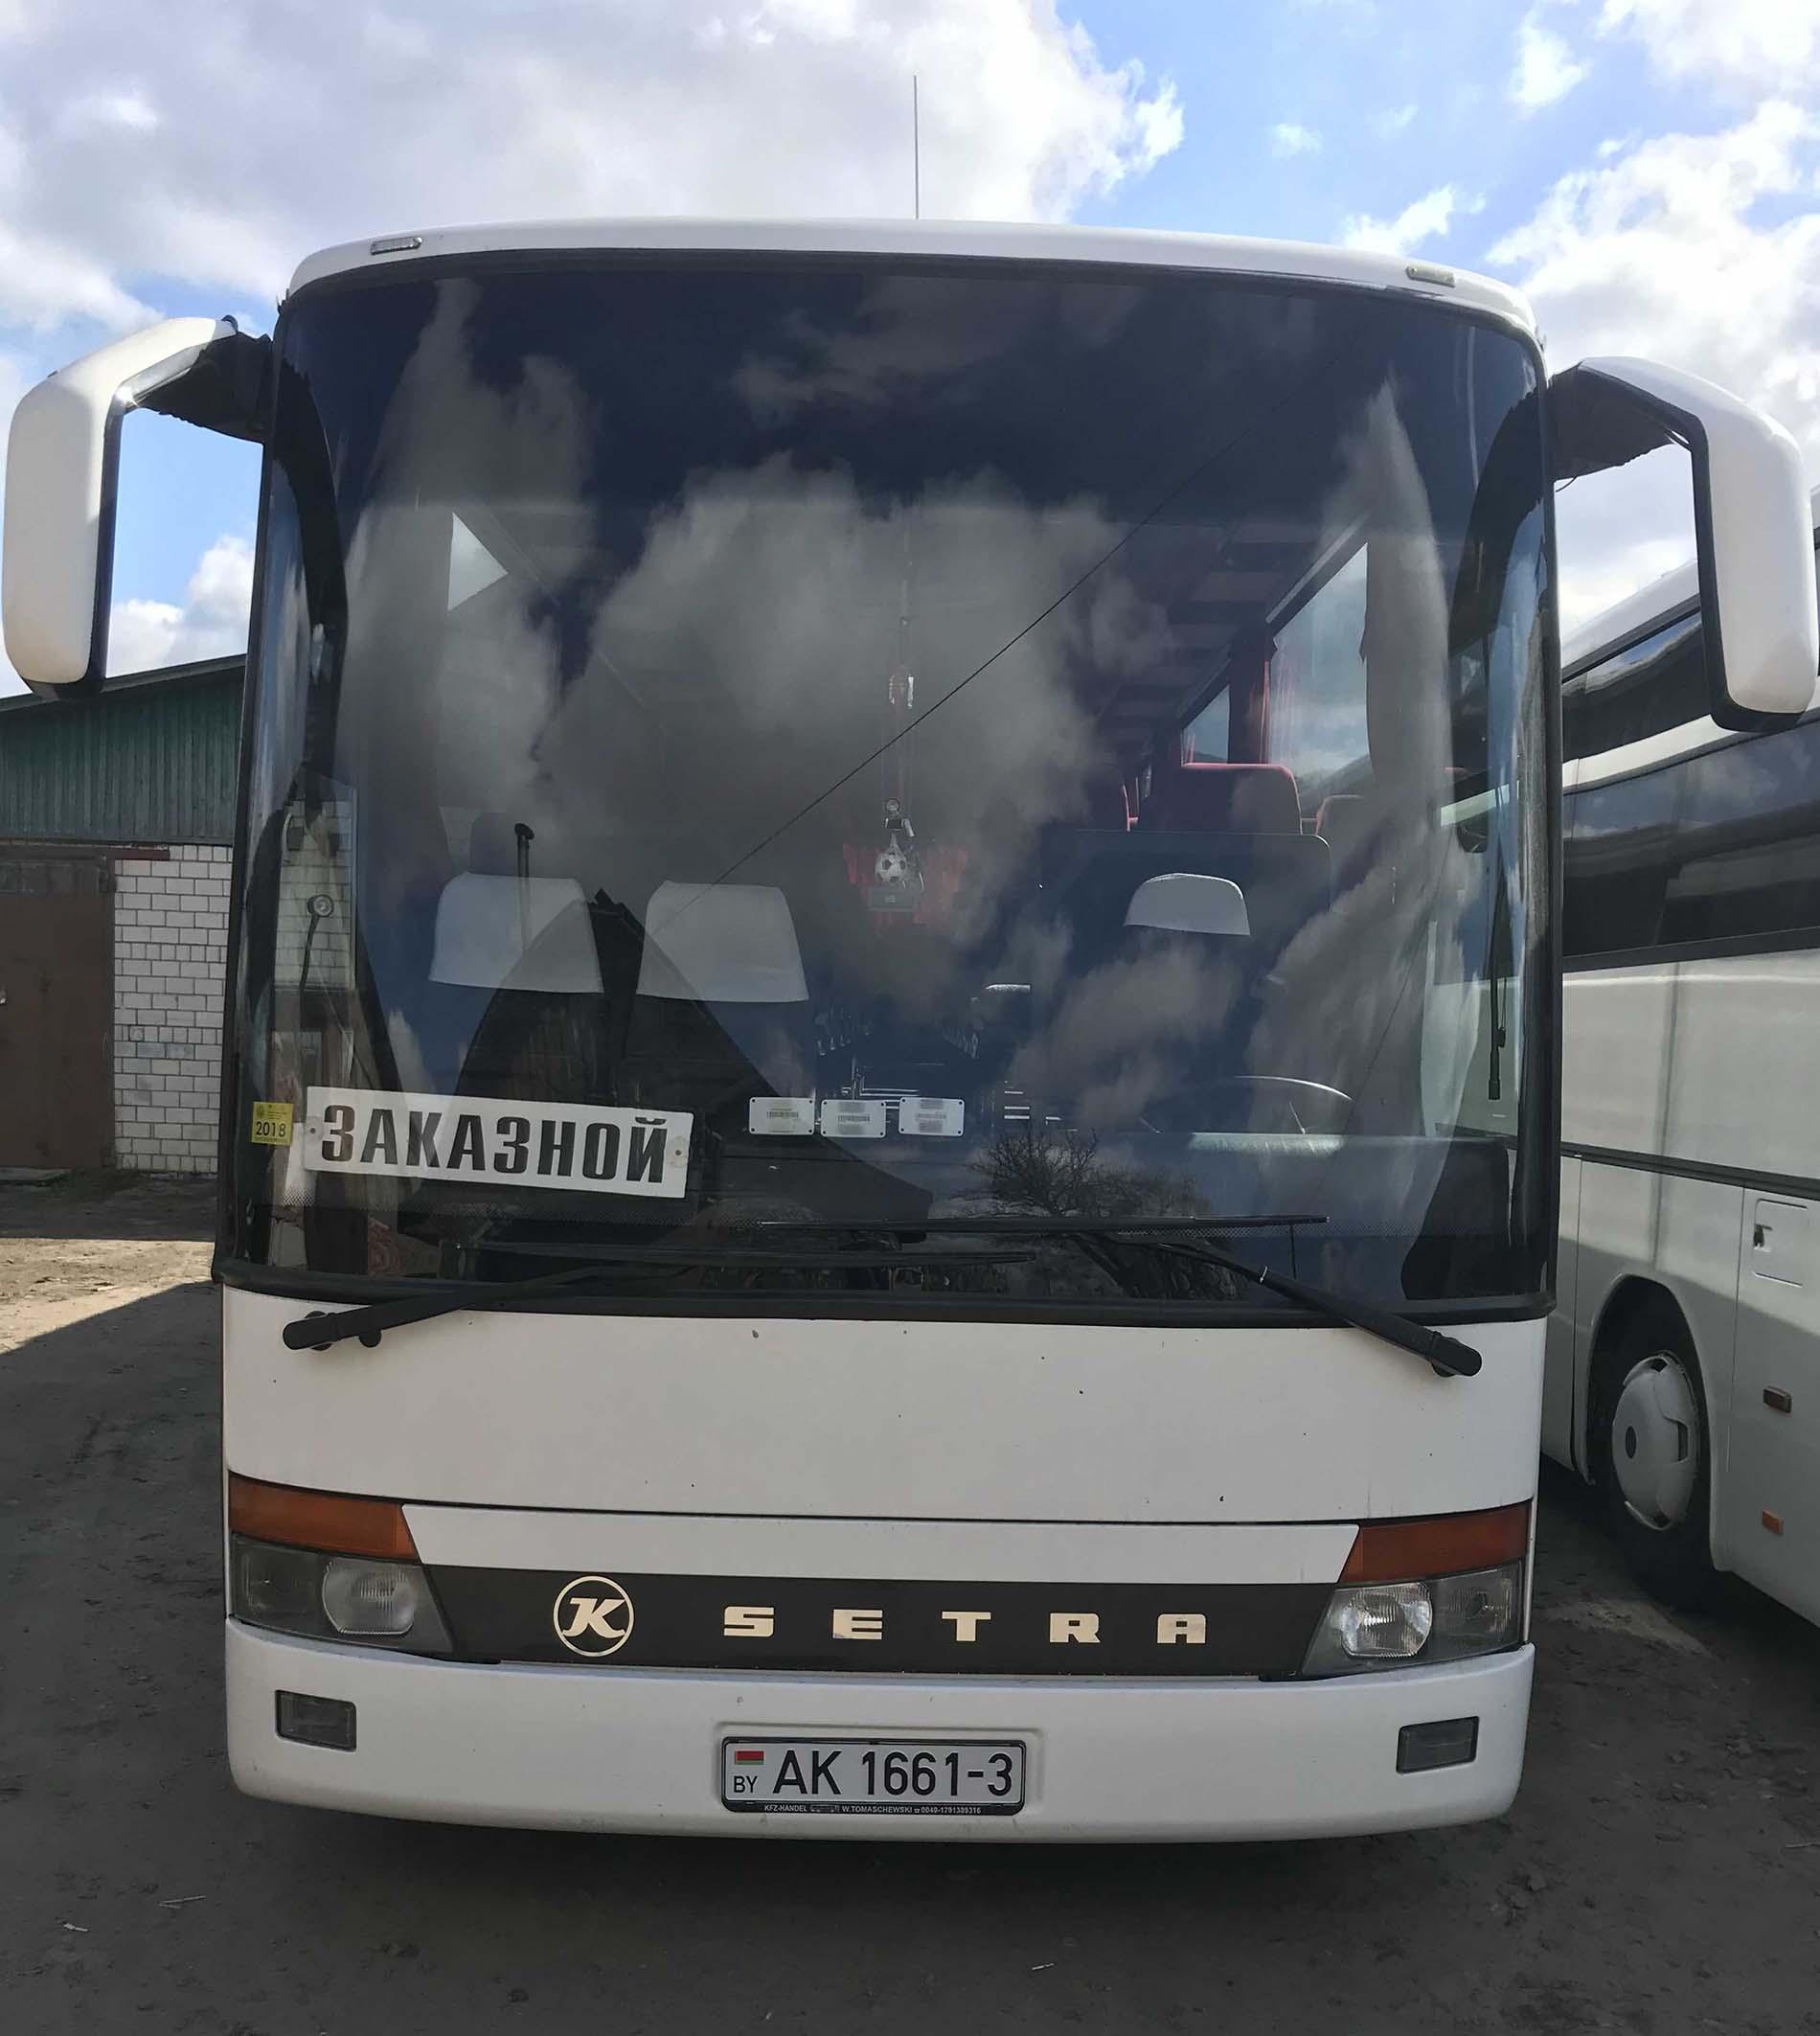 Автобус SETRA S315 AK 1661-3